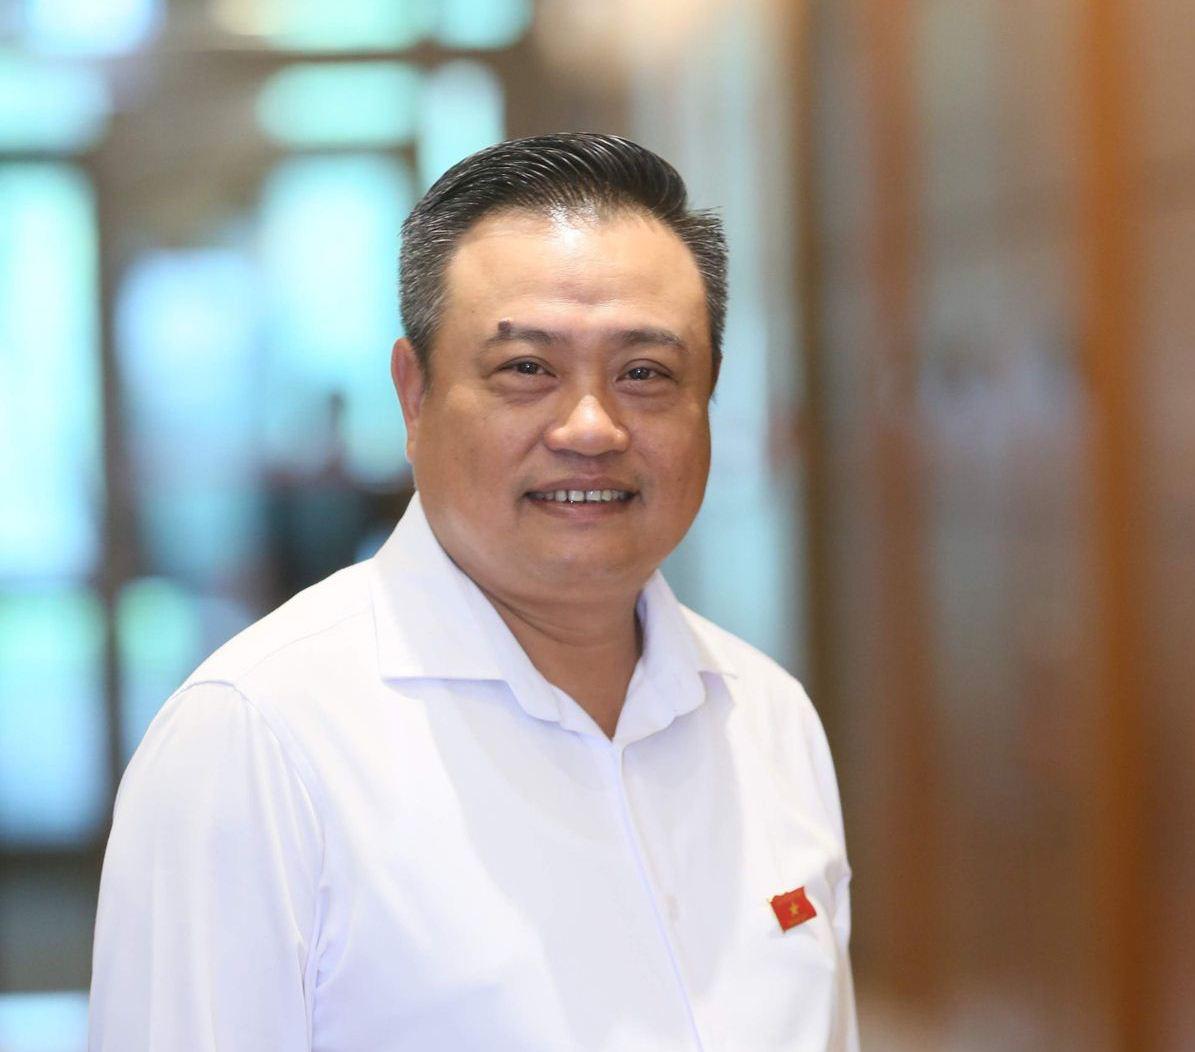 Chân dung Ủy viên Trung ương 50 tuổi được bầu giữ chức Tổng Kiểm toán Nhà nước - Ảnh 1.